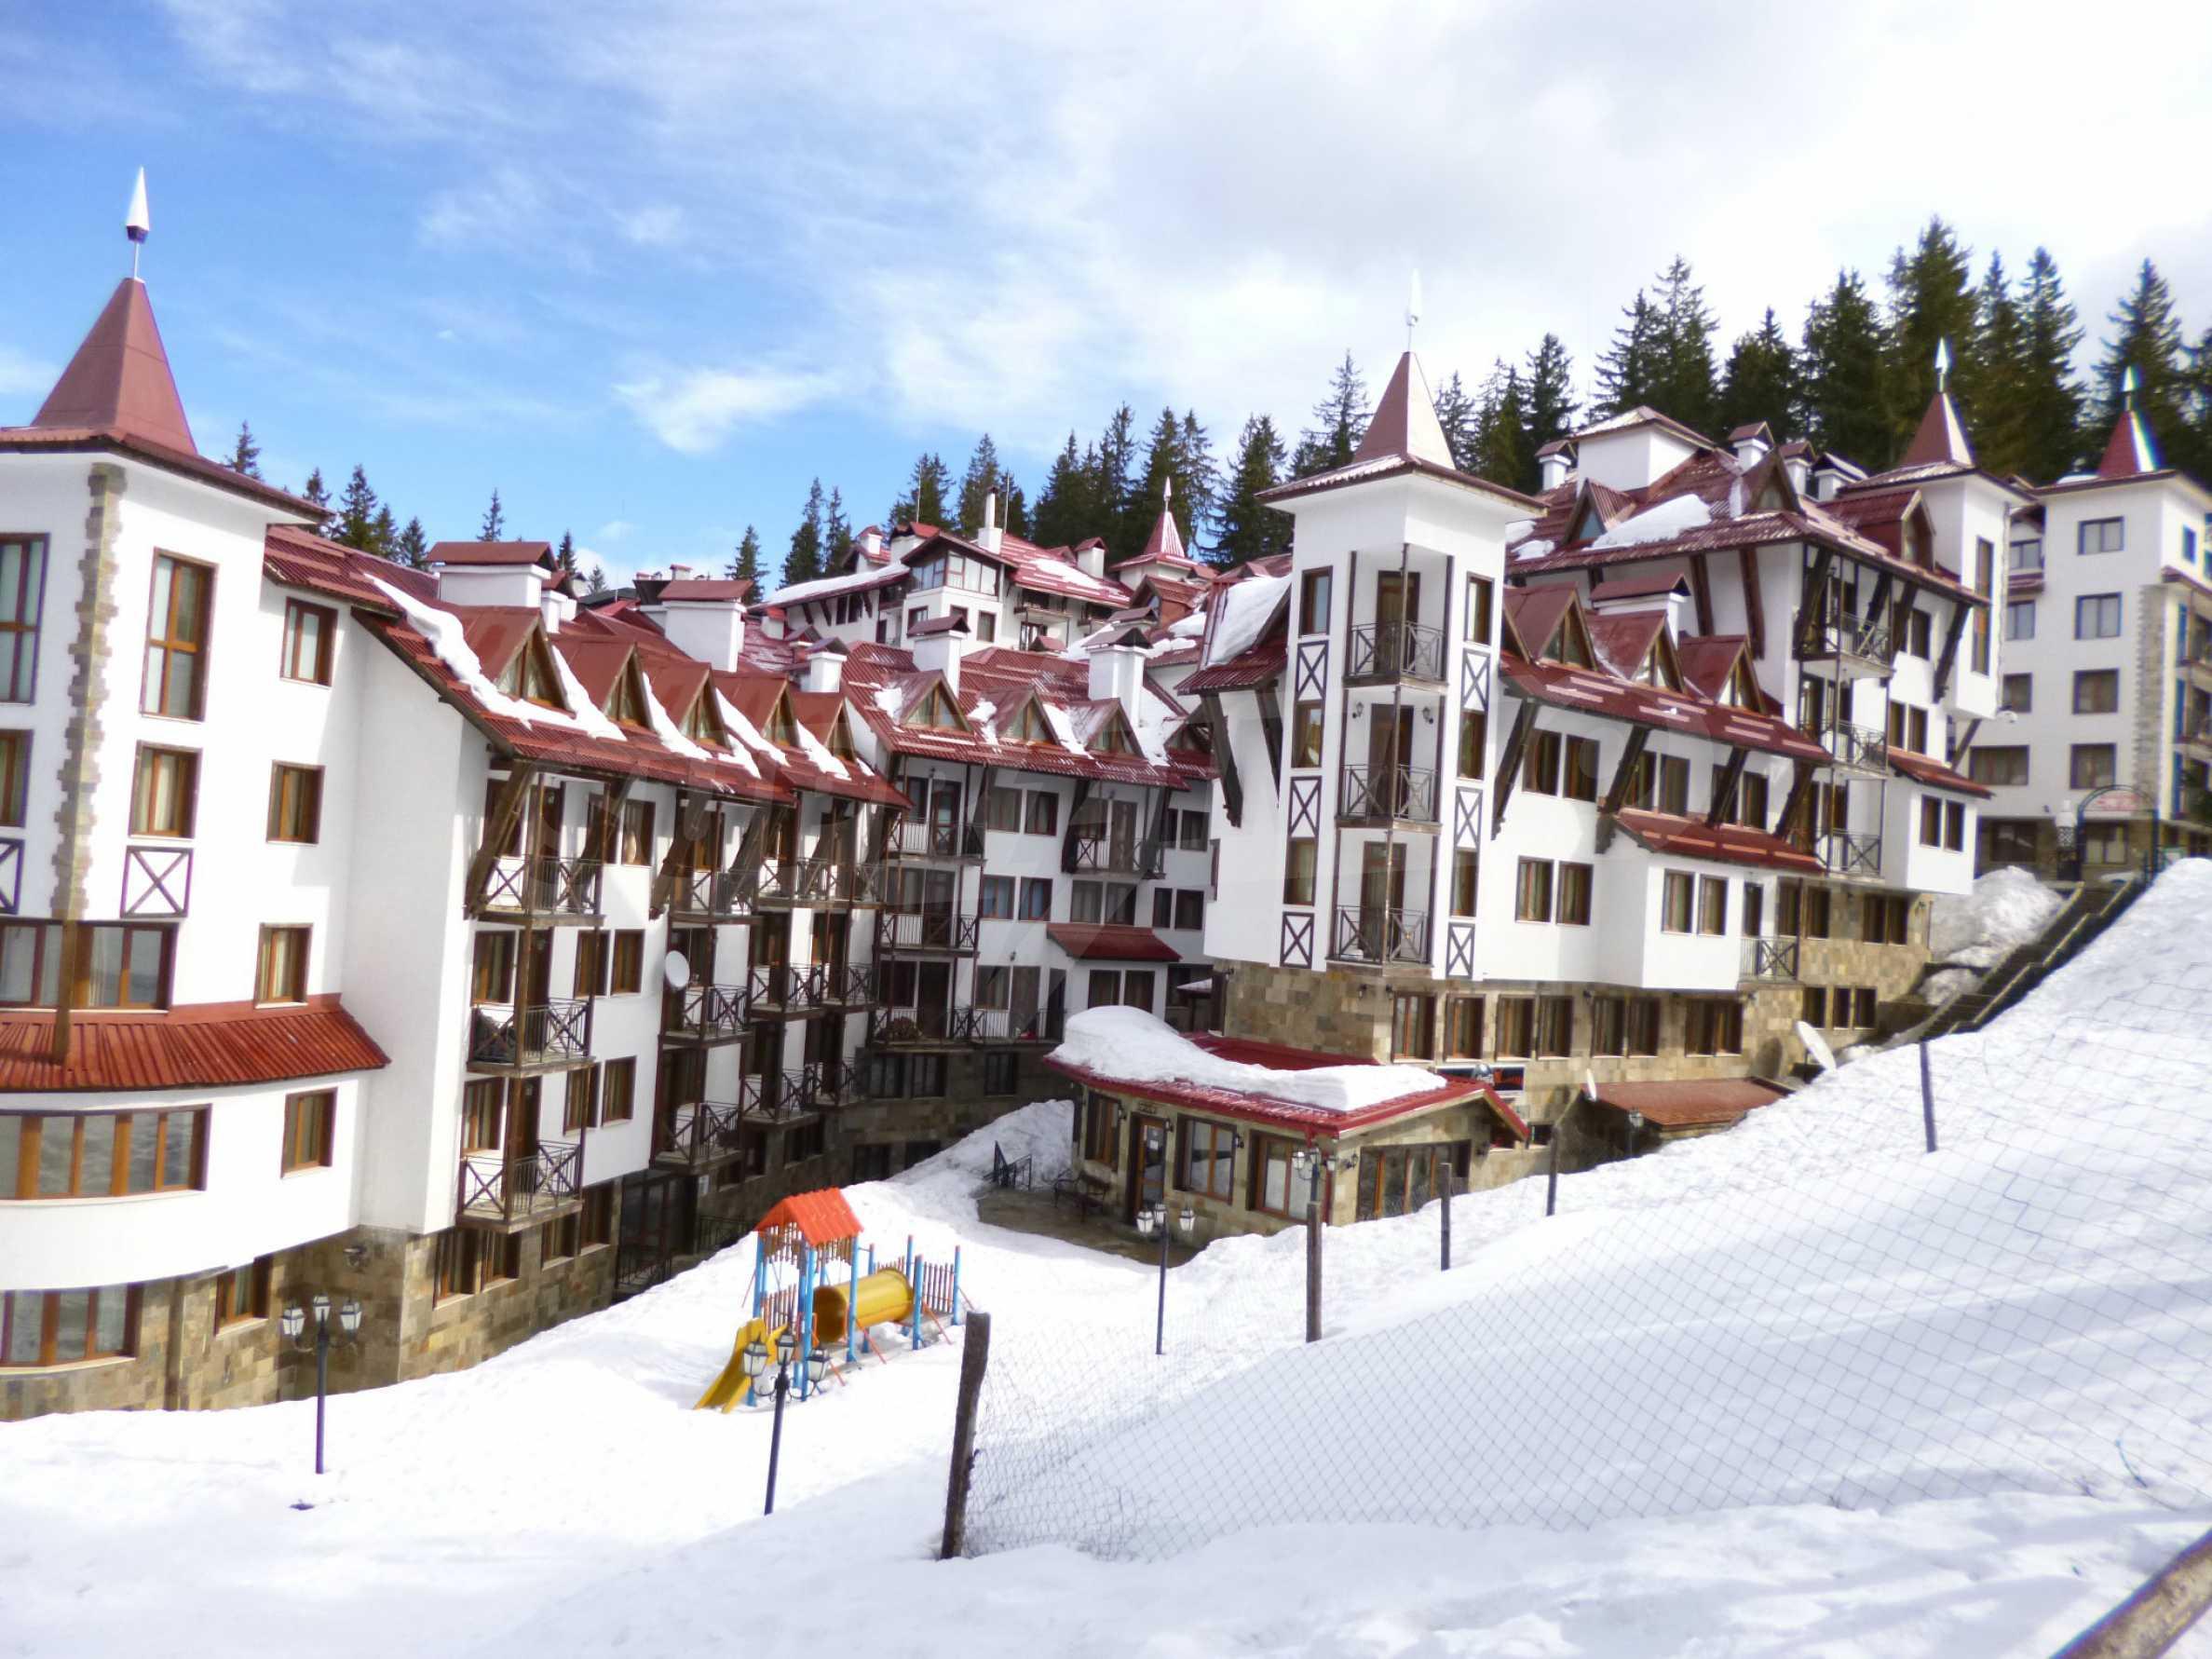 Hervorragend möbliertes Anwesen im Schlosshotel 25